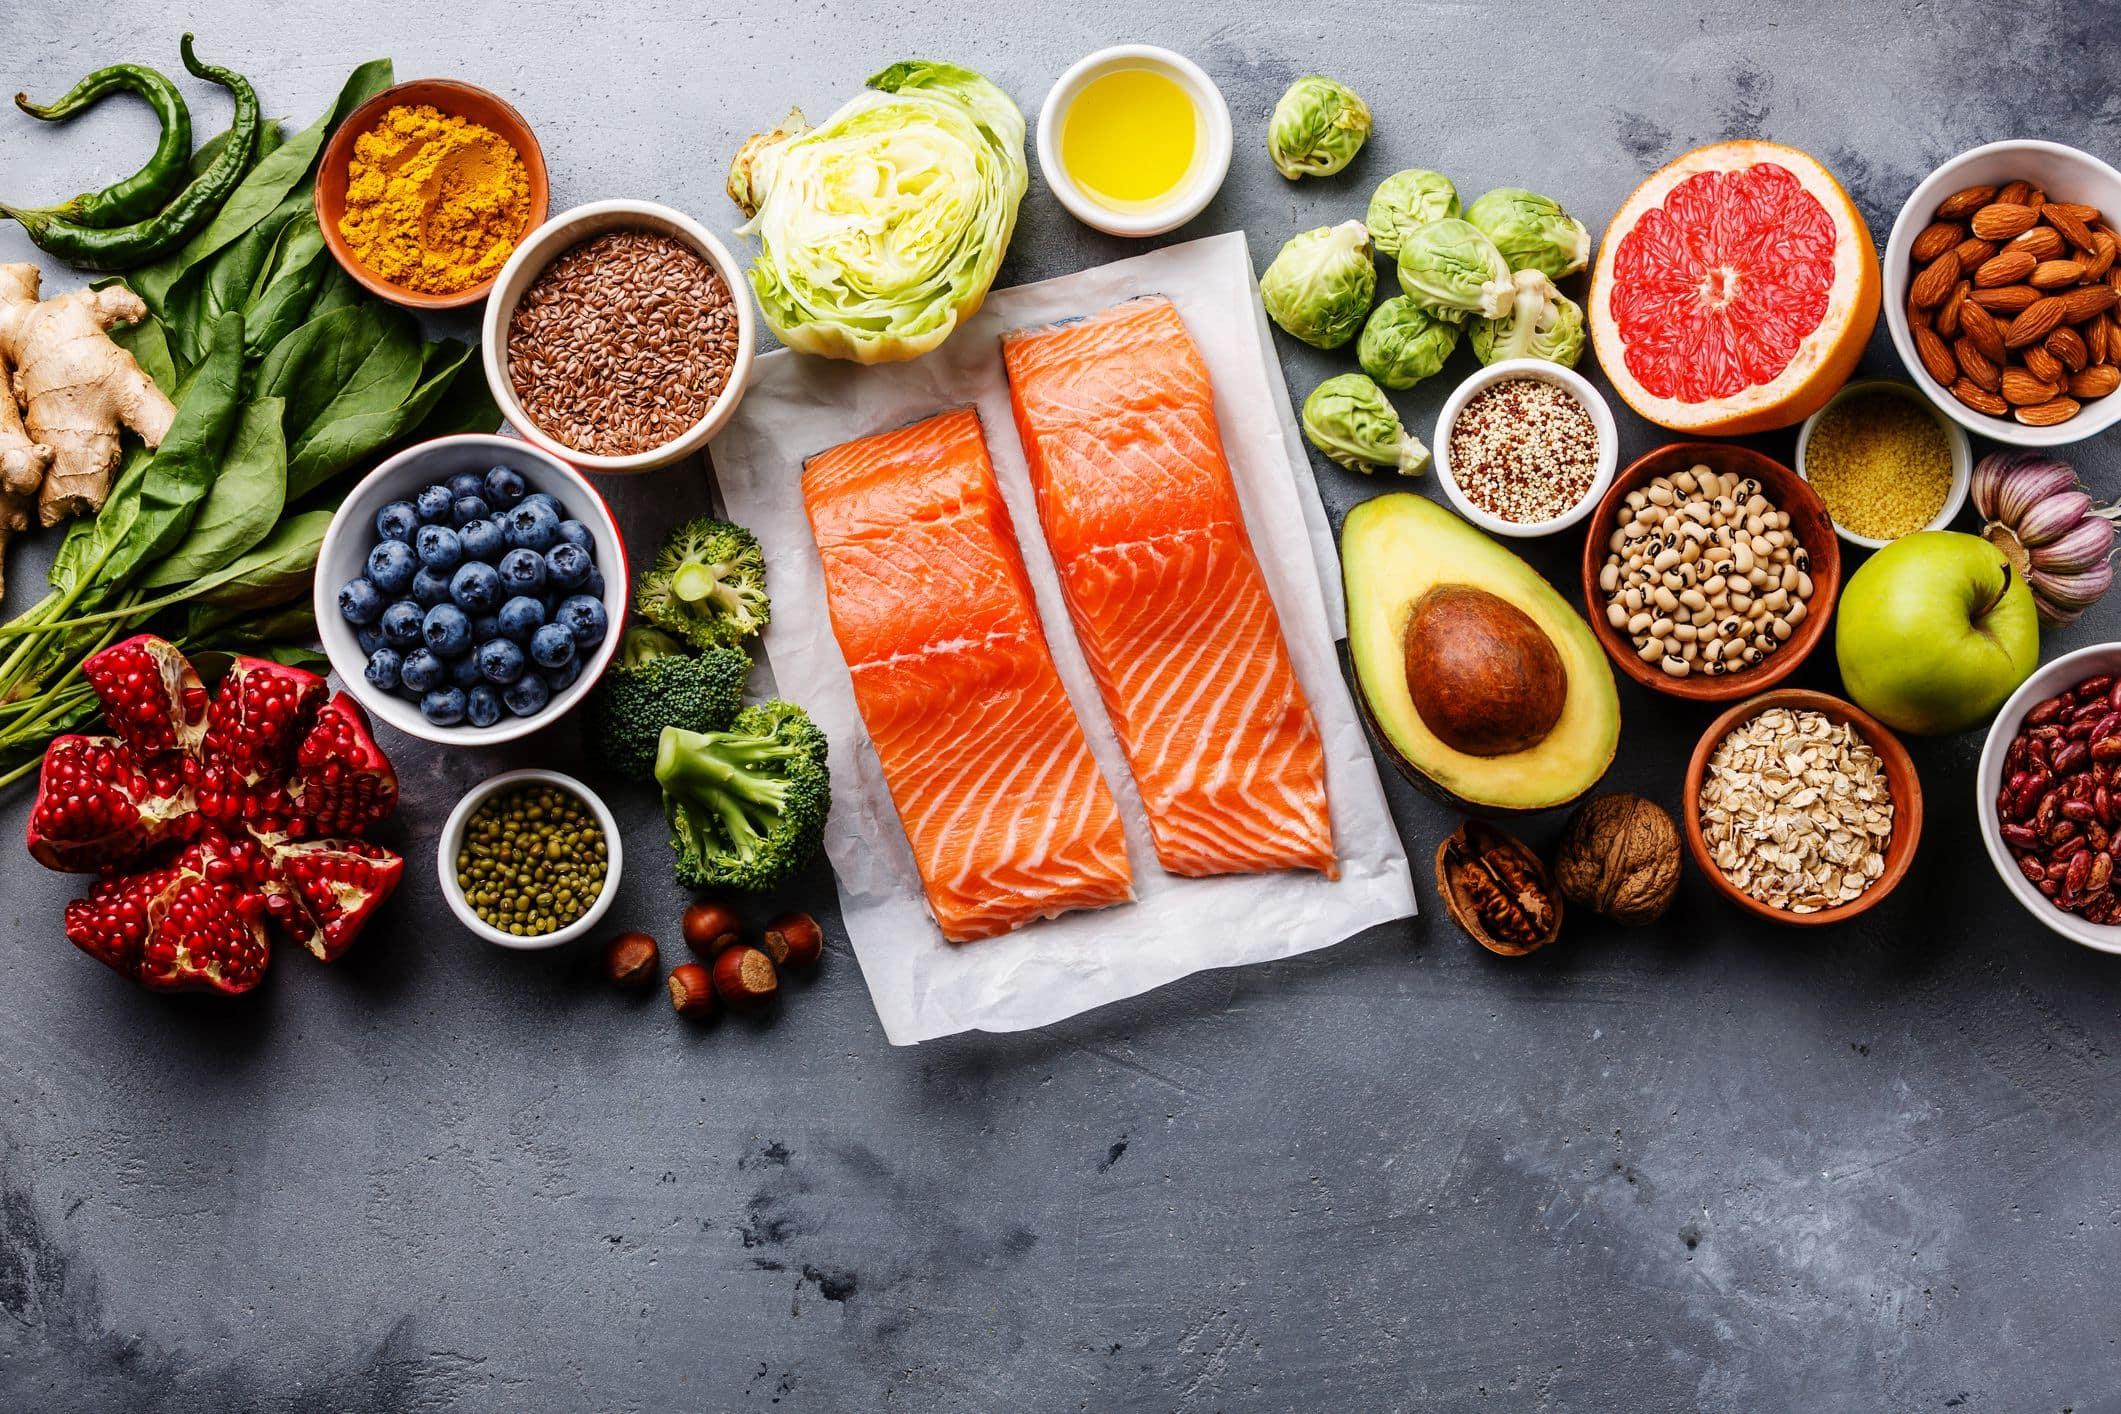 Низкокалорийная диета дает больше пользы мужчинам, чем женщинам